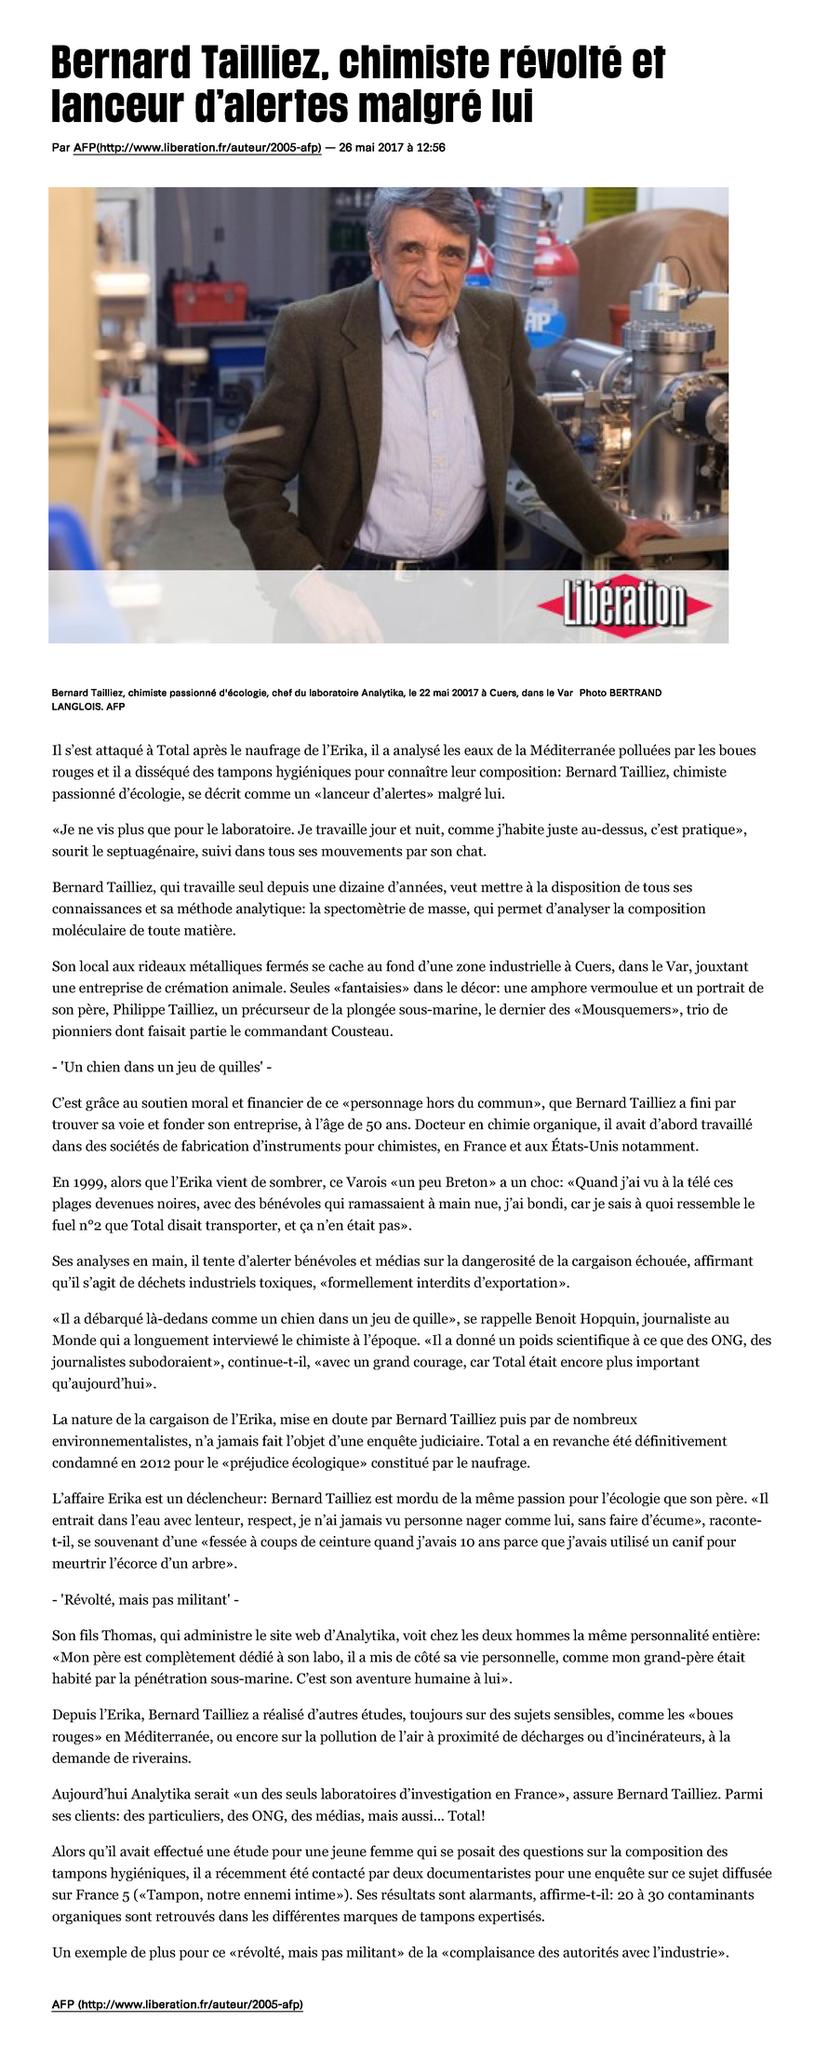 """26.05.2017 > LIBÉRATION/AFP : """"Bernard Tailliez, chimiste révolté et lanceur d'alertes malgré lui"""""""